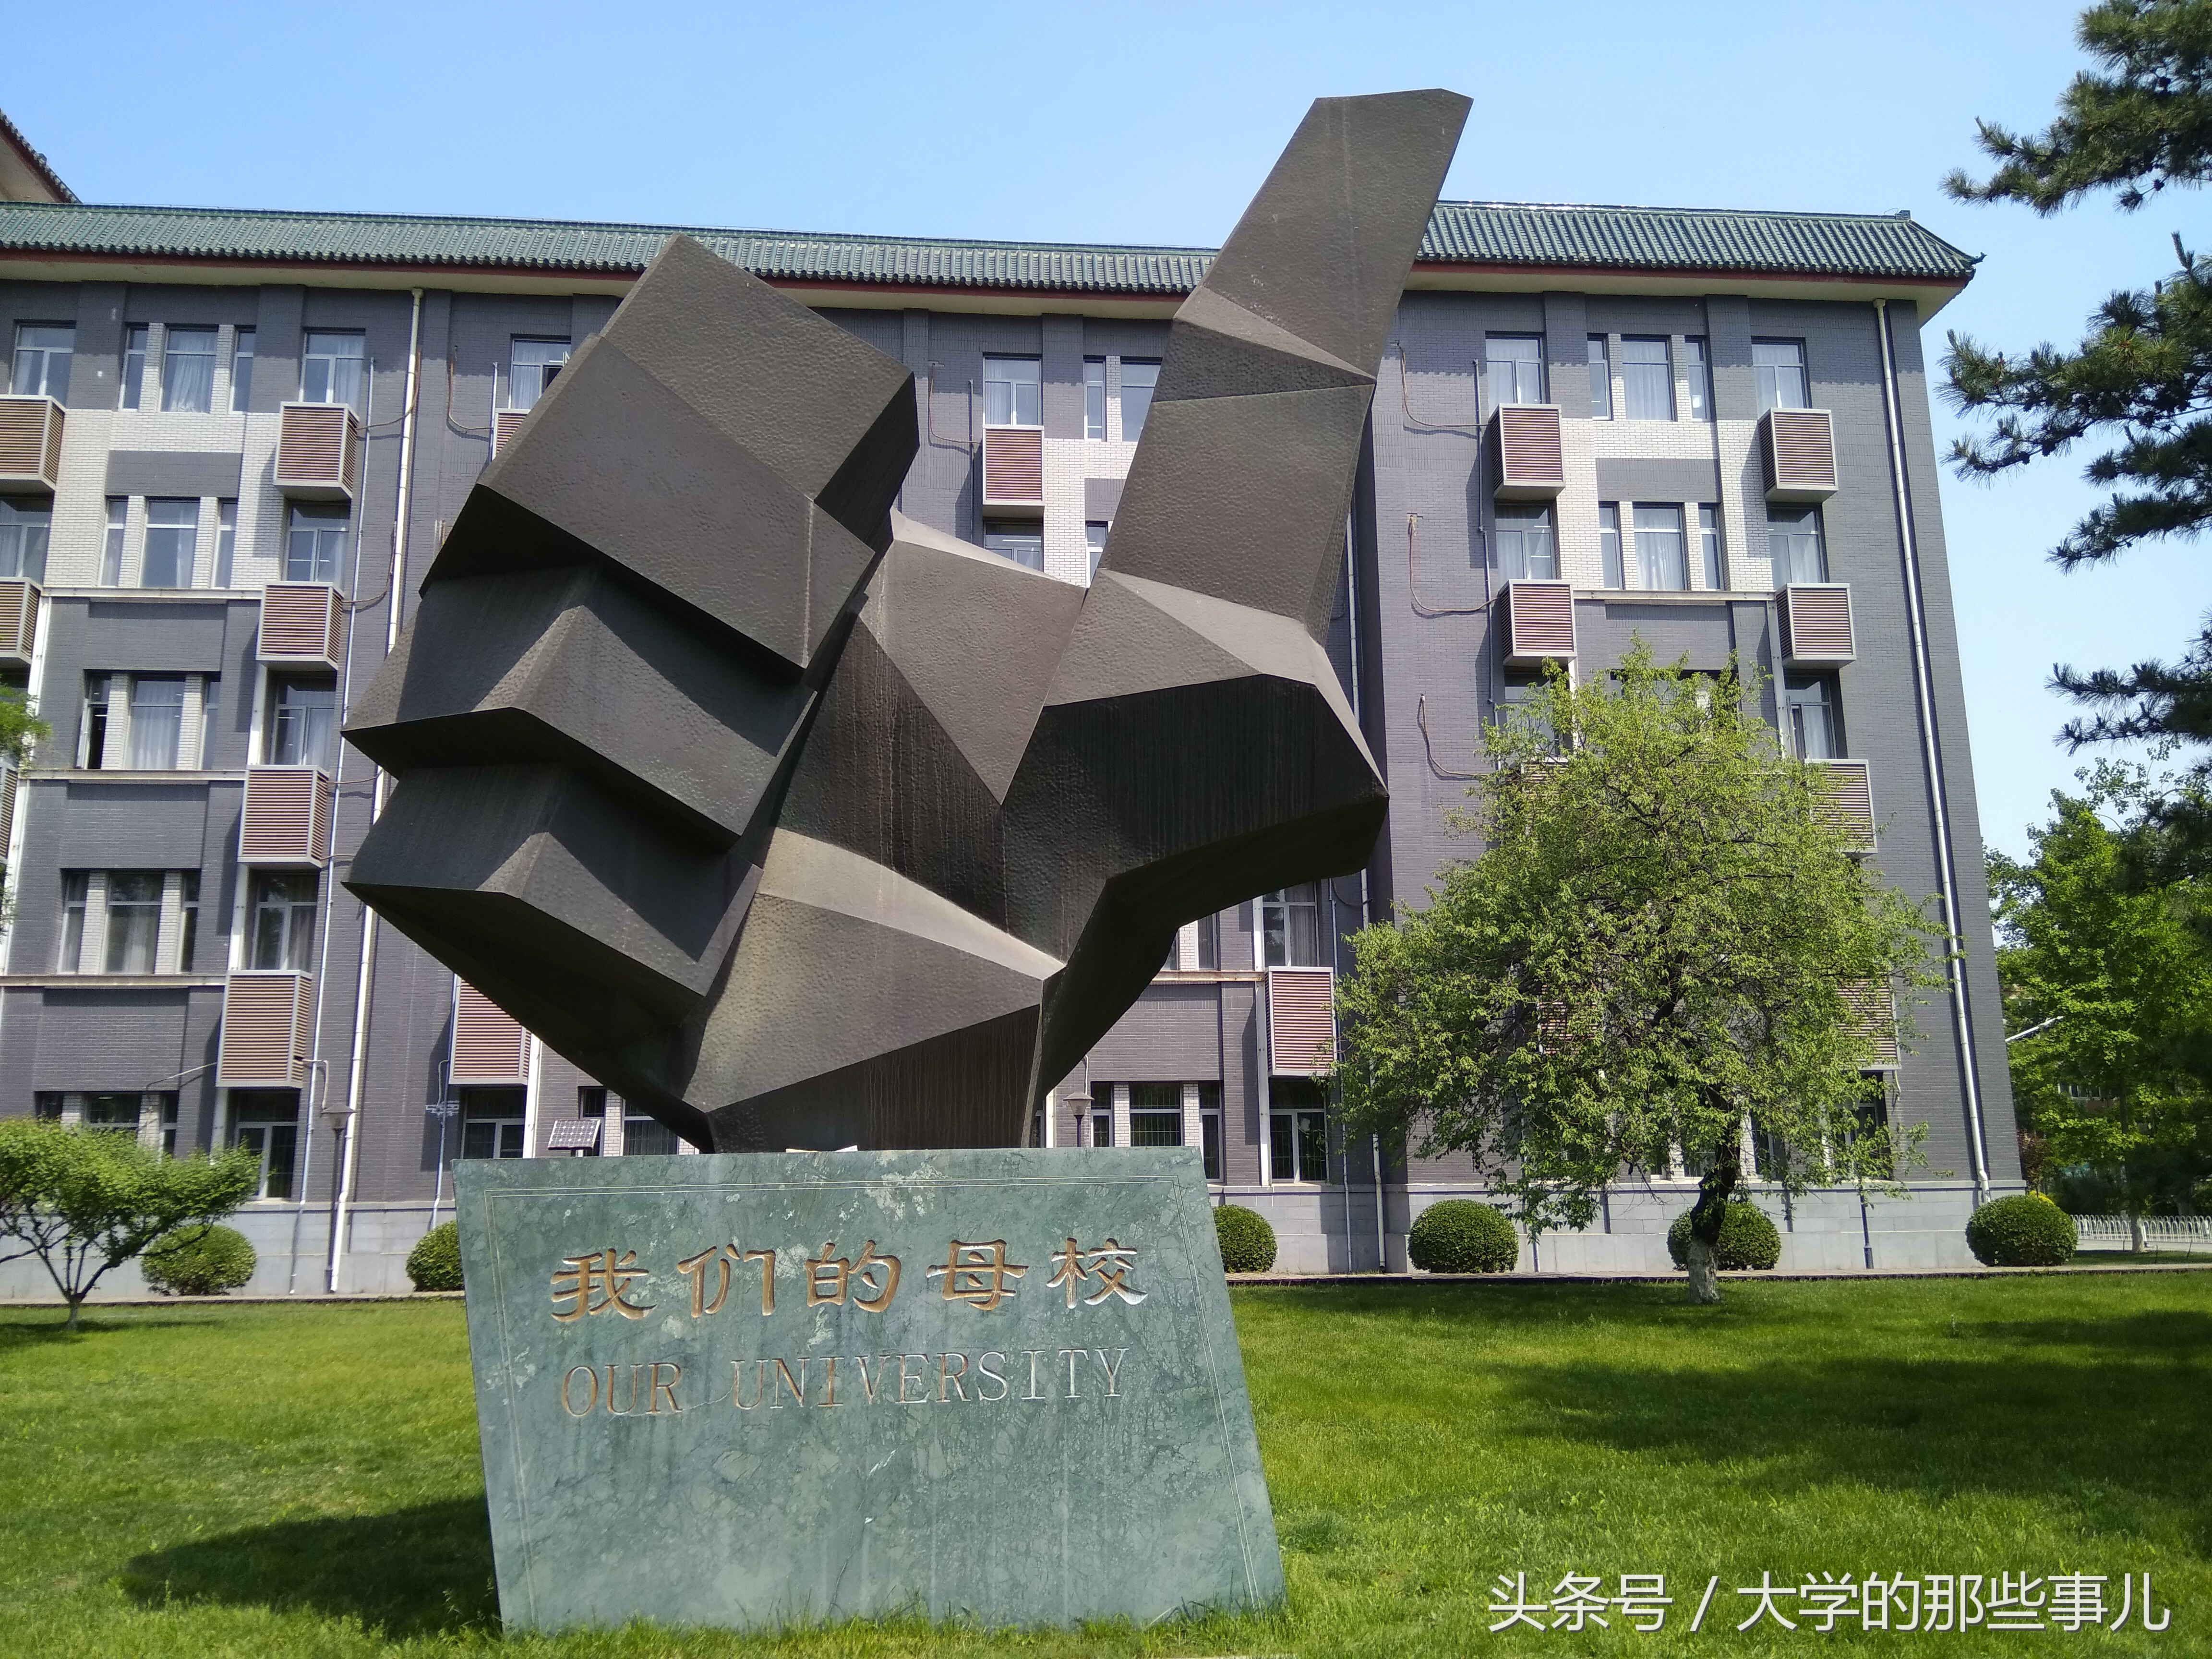 """我国改名最成功的大学,被誉为""""海底捞大学"""",堪称奇葩"""